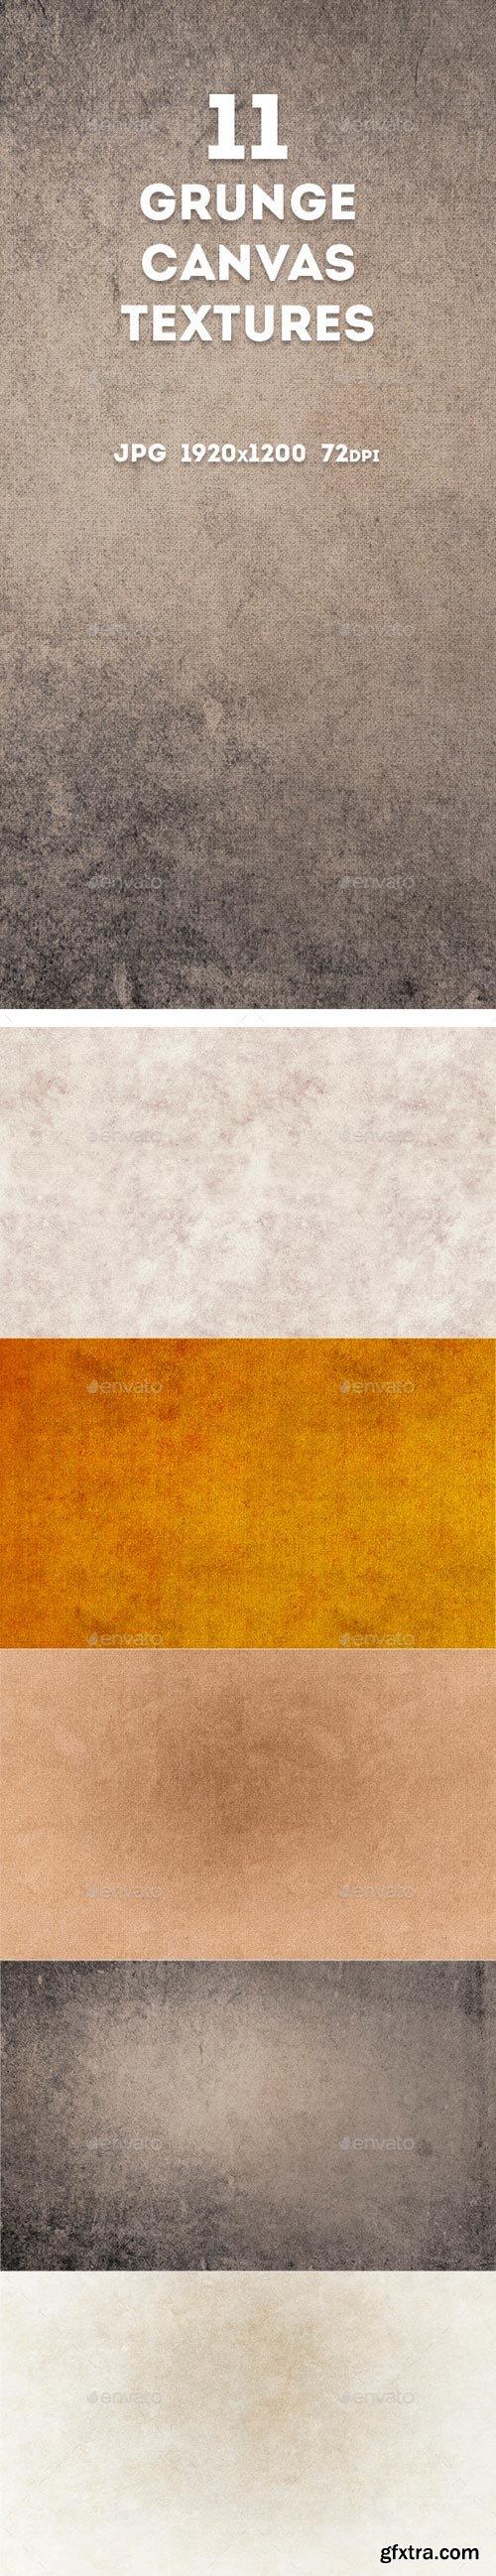 GR - Grunge Canvas Textures